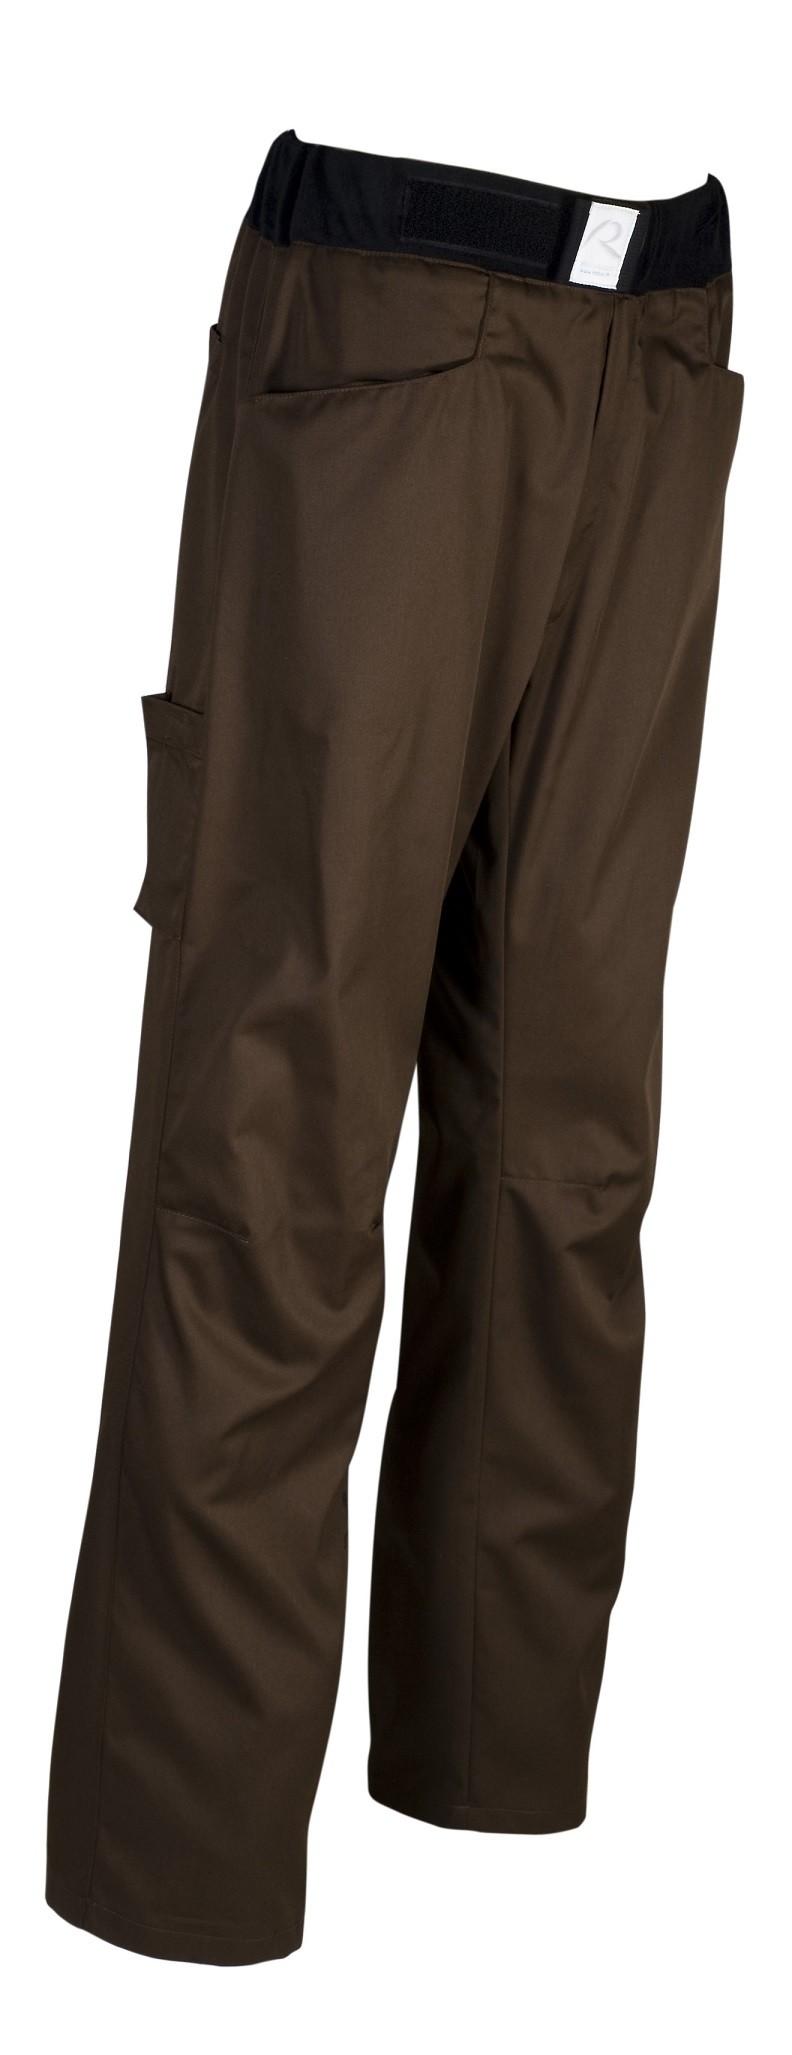 Pantalon de cuisine arenal for Pantalon de cuisine homme